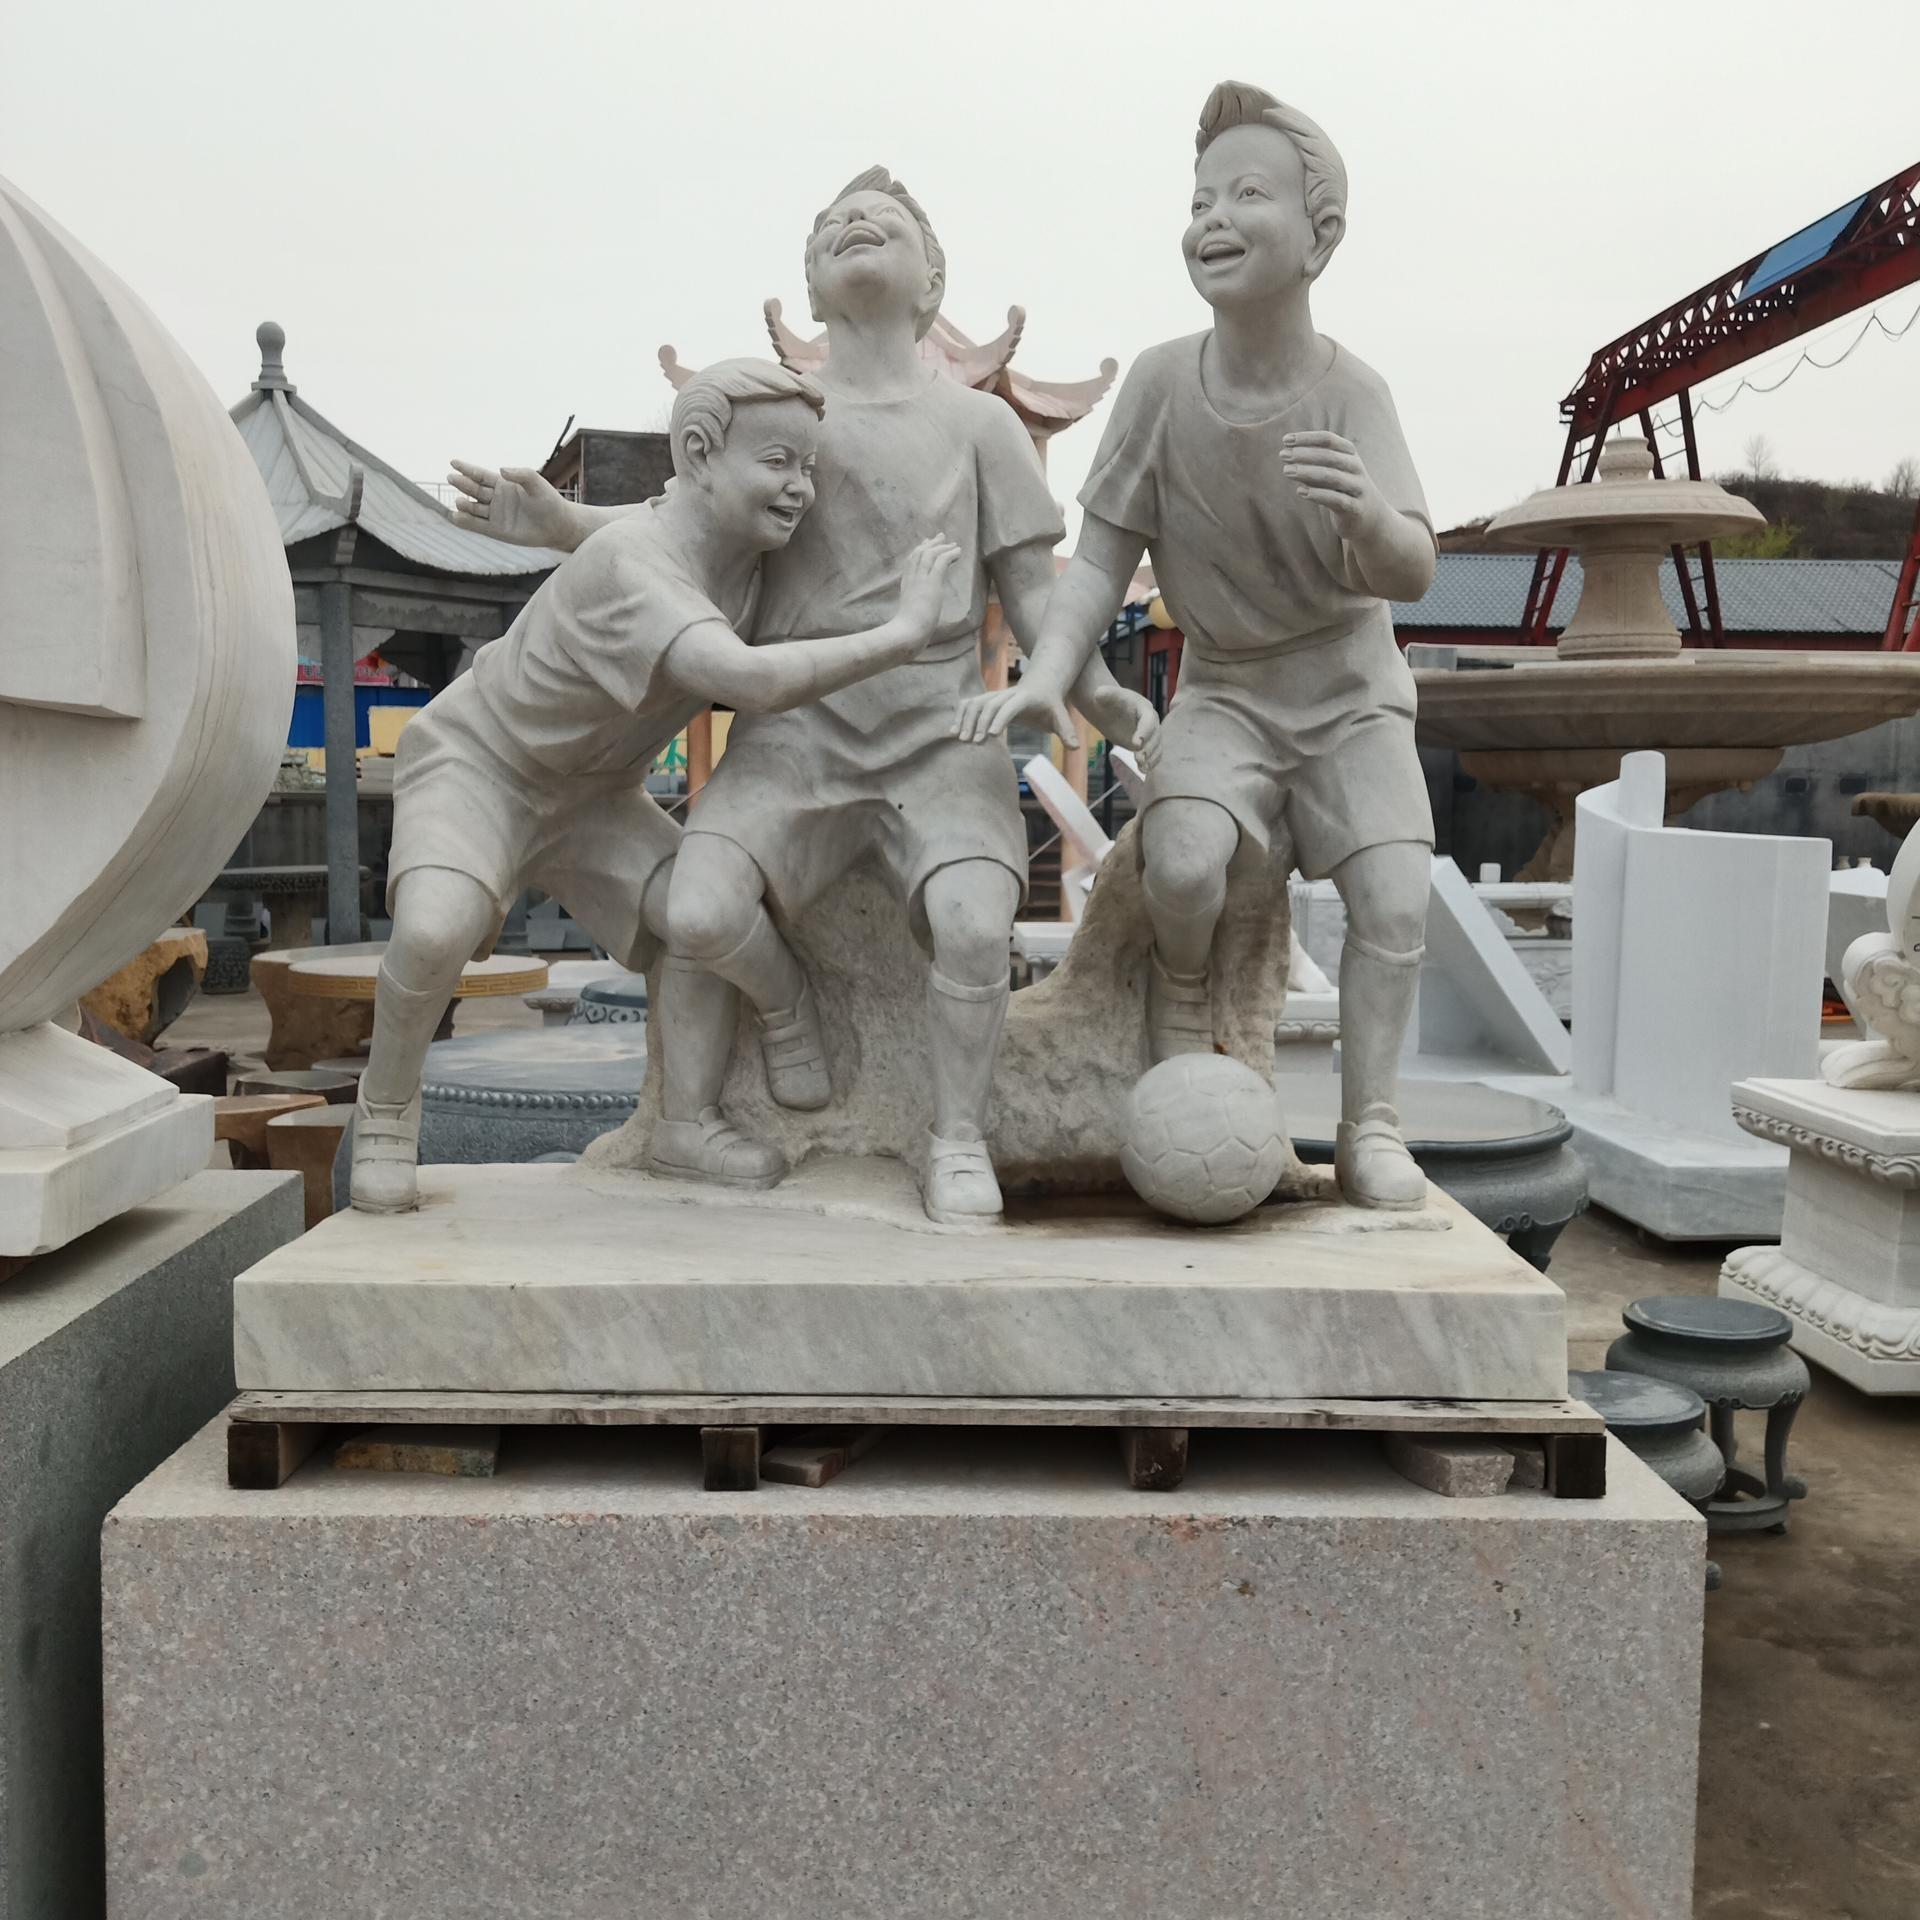 校园小品雕塑 小孩嬉戏雕塑 英翰雕塑厂家